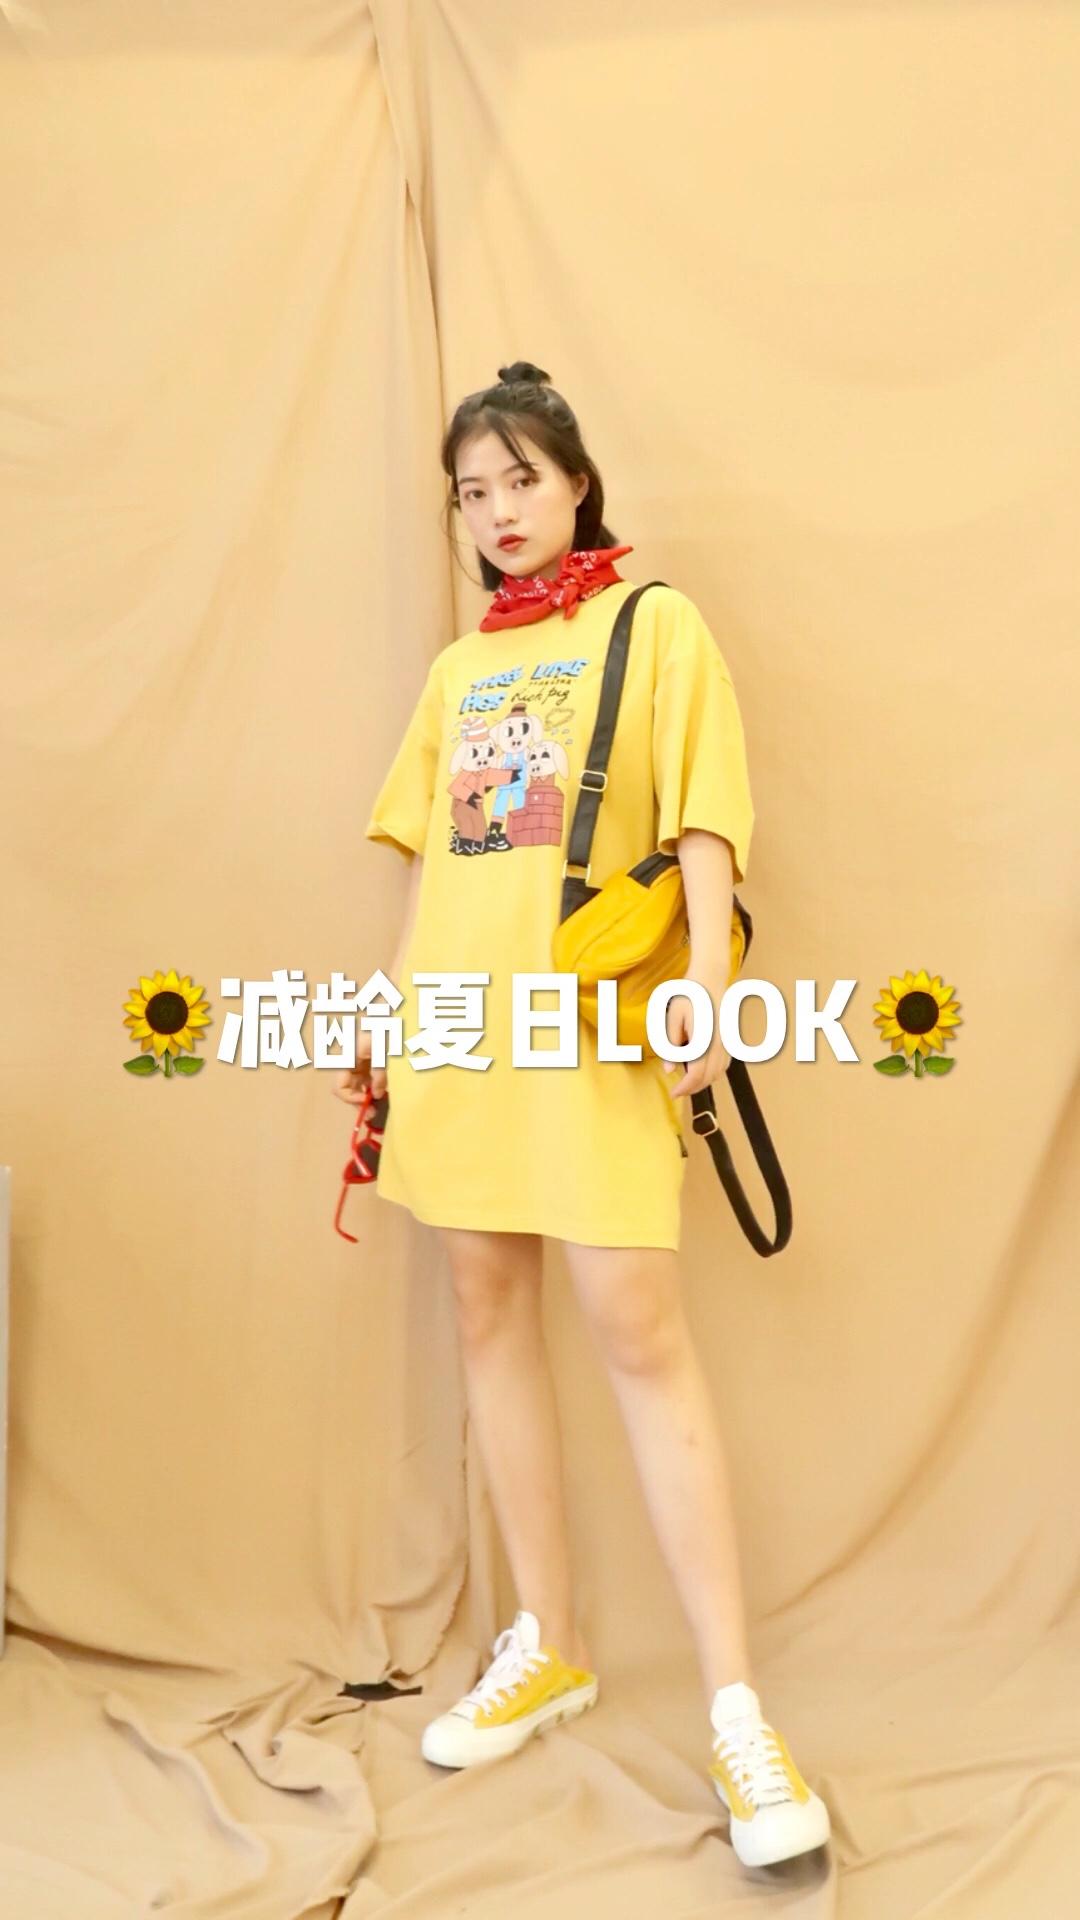 #蘑菇街新品测评# 好显白的黄颜色~ 夏天穿最合适啦 亮眼的颜色 活泼俏皮 搭配红色丝巾和墨镜 给一套look点缀了许多~